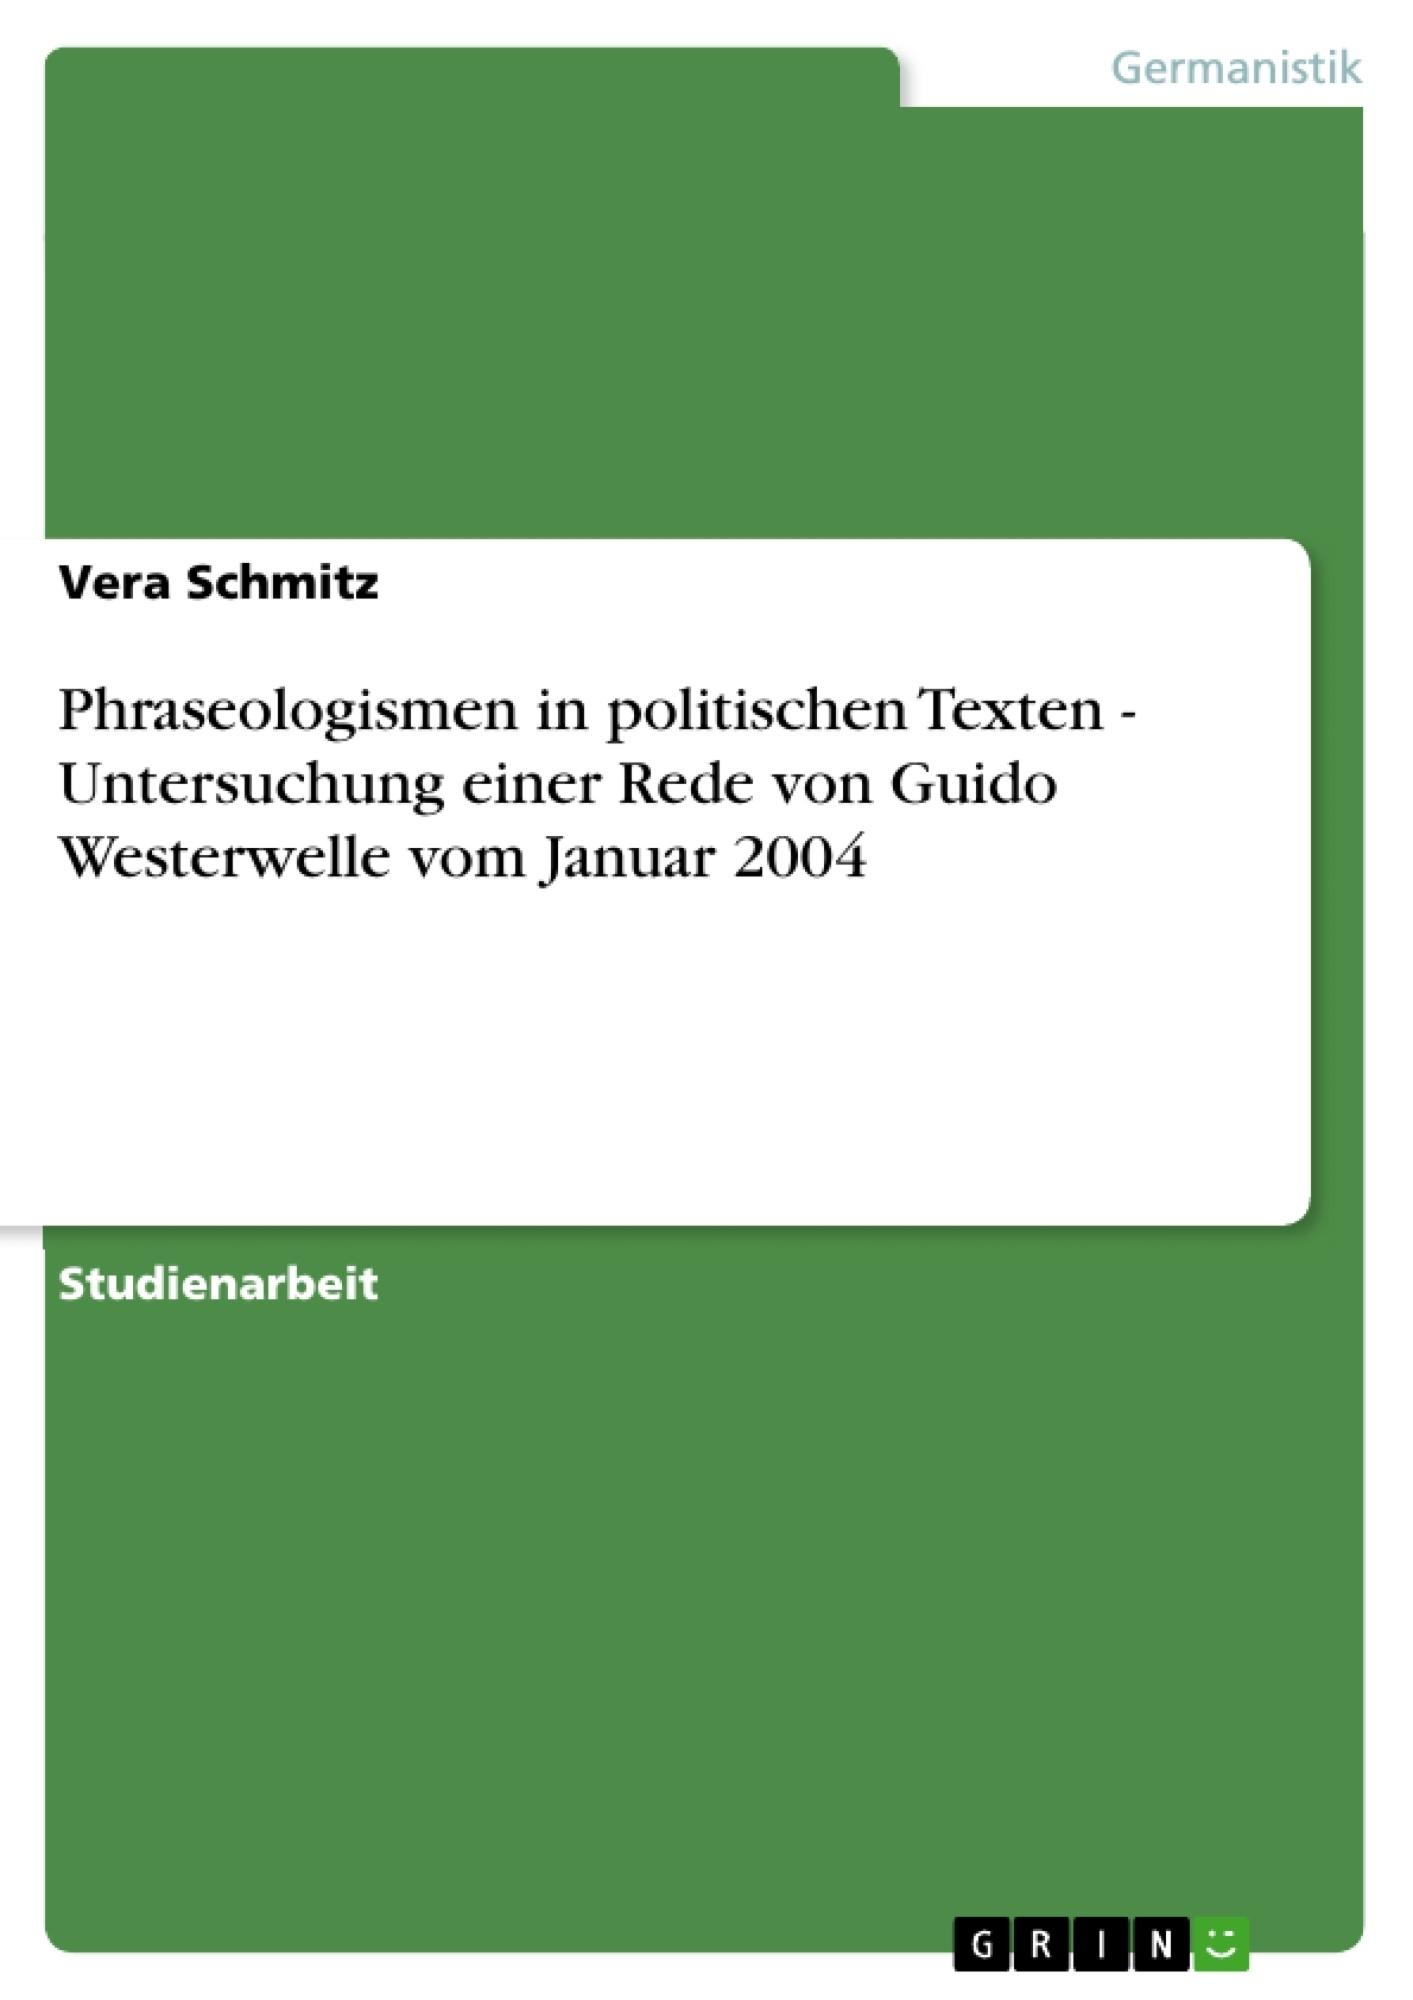 Titel: Phraseologismen in politischen Texten - Untersuchung einer Rede von Guido Westerwelle vom Januar 2004